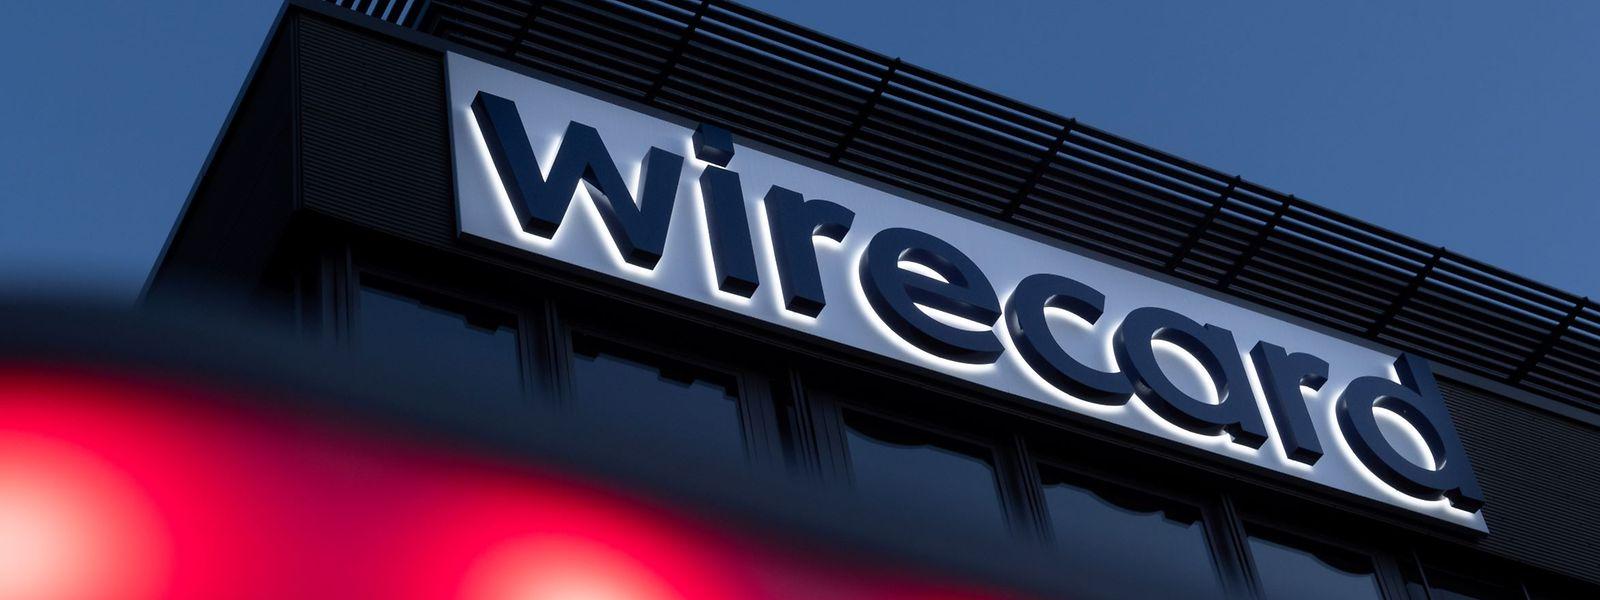 Der Wirecard-Skandal belastet die deutsche Politik im Jahr der Bundestagswahl.